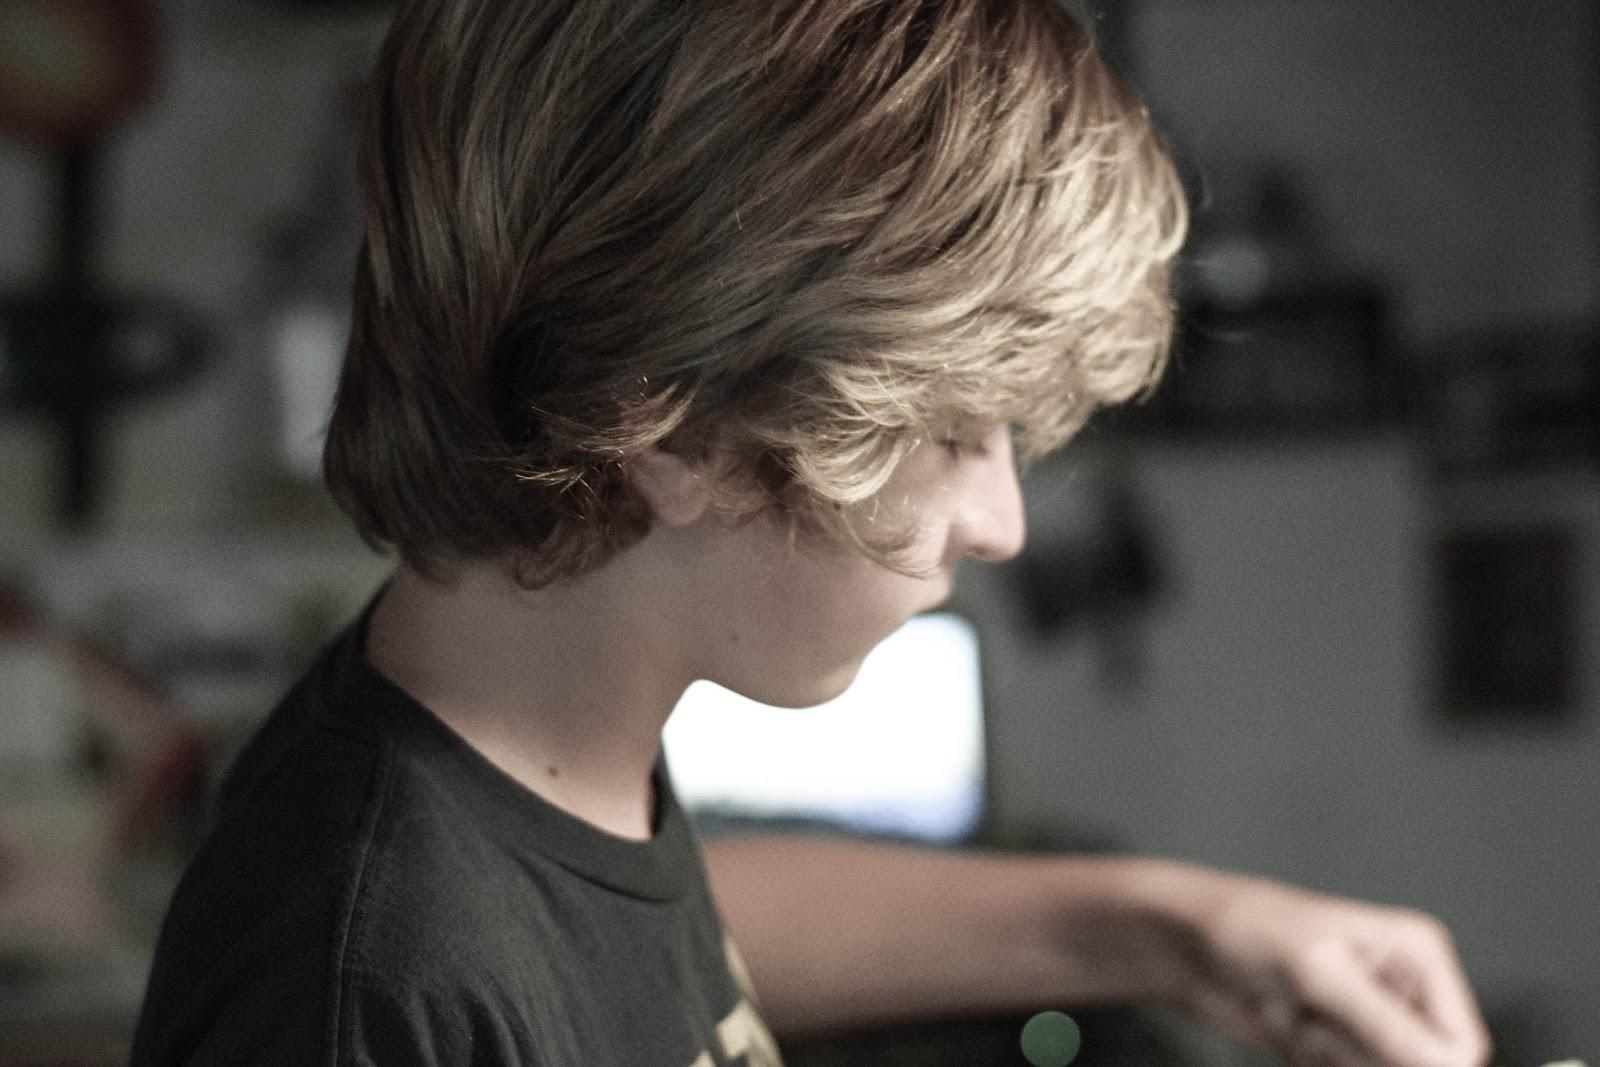 Boys21.com